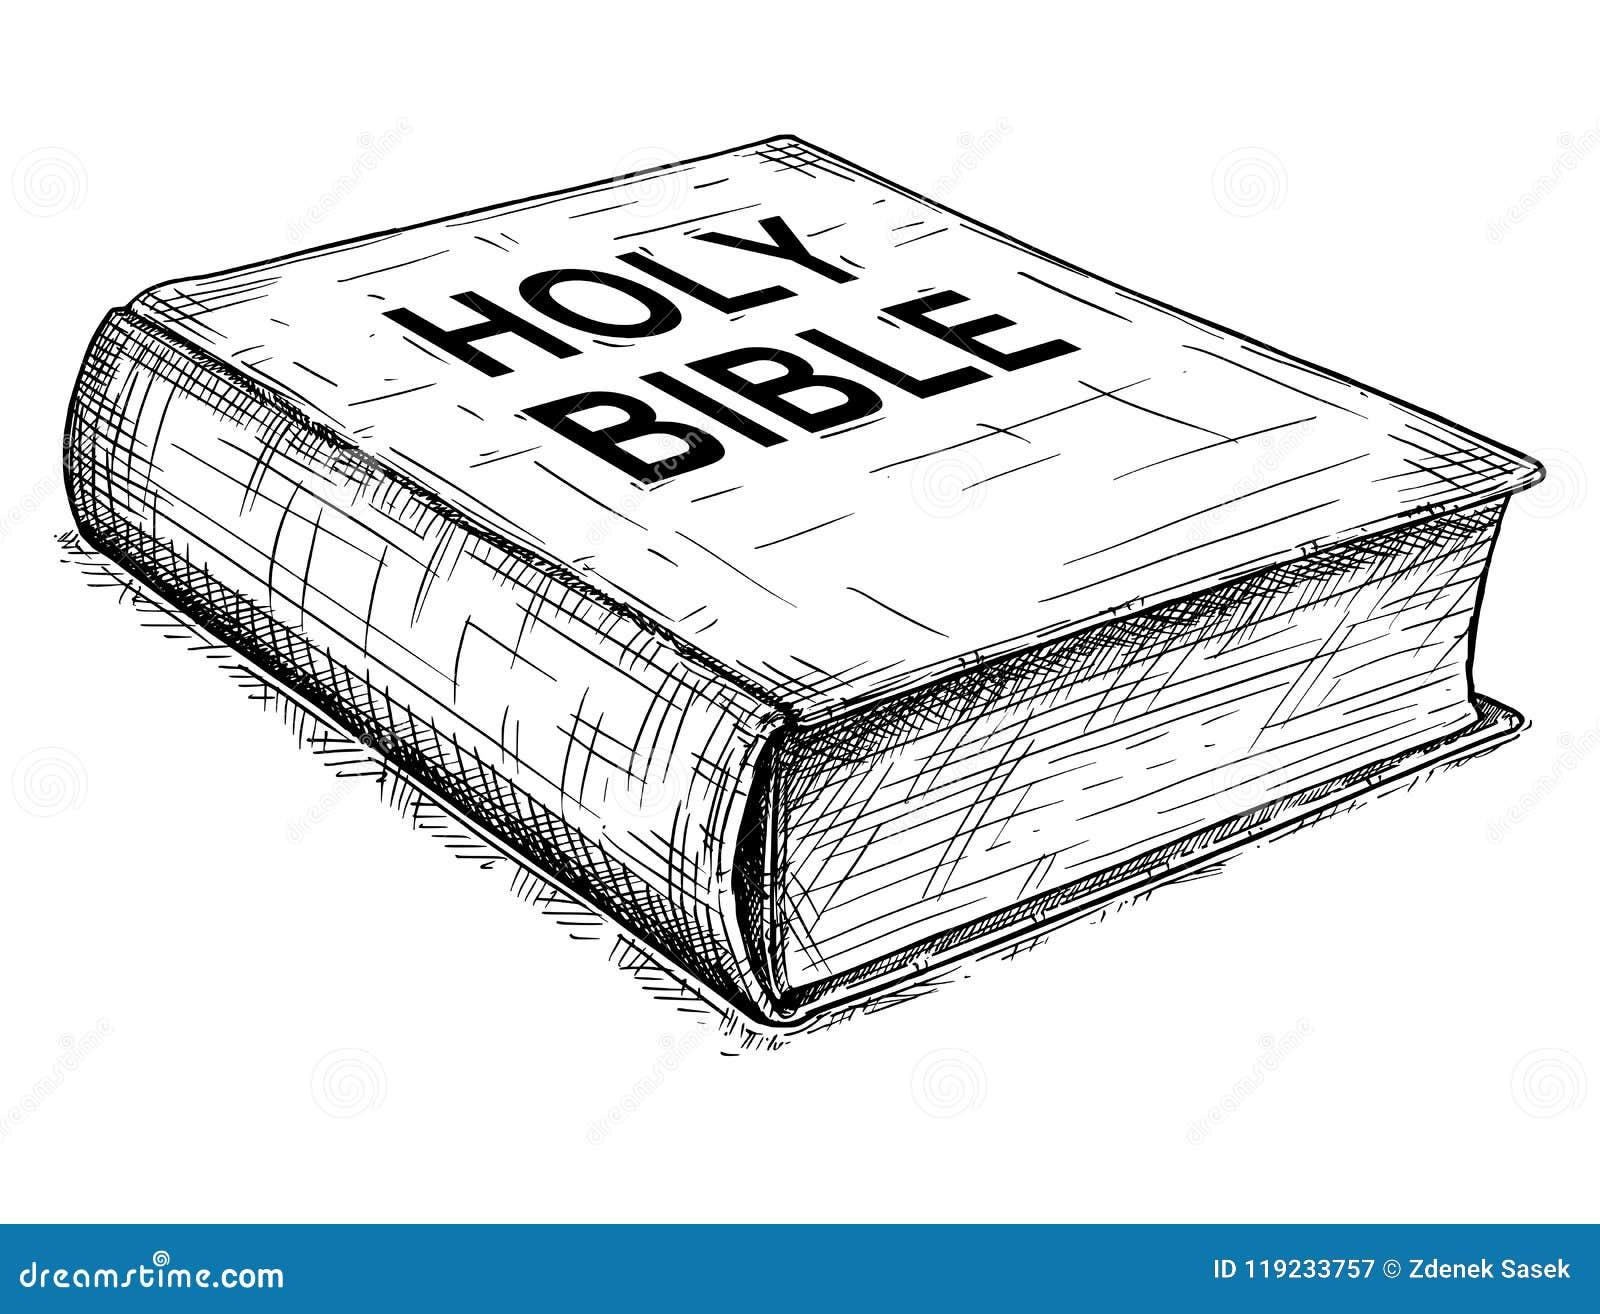 Konstnärlig teckningsillustration för vektor av boken av den heliga bibeln